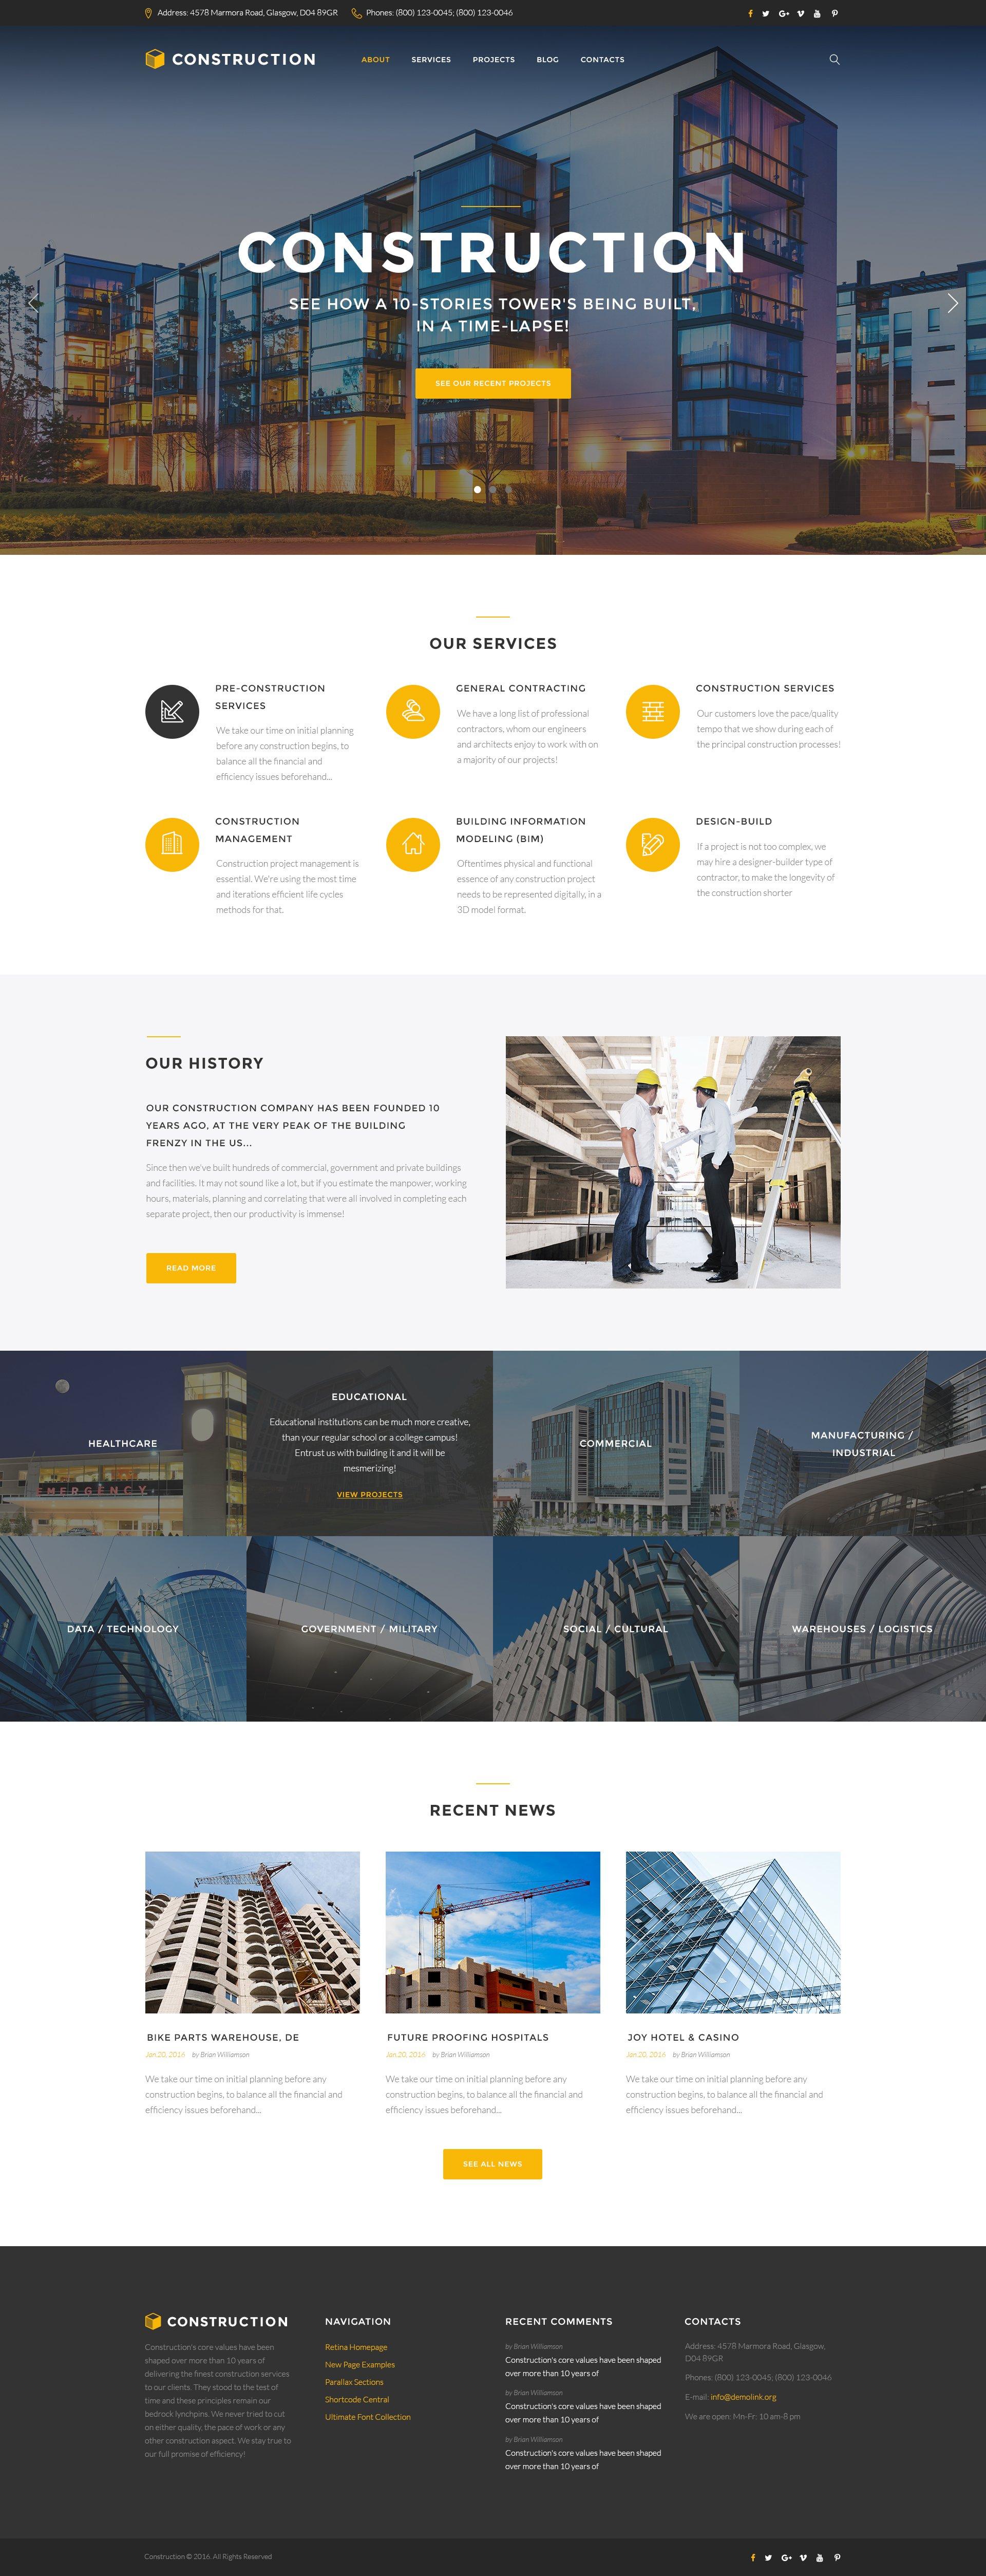 Fein Website Im Bau Vorlage Fotos - Entry Level Resume Vorlagen ...